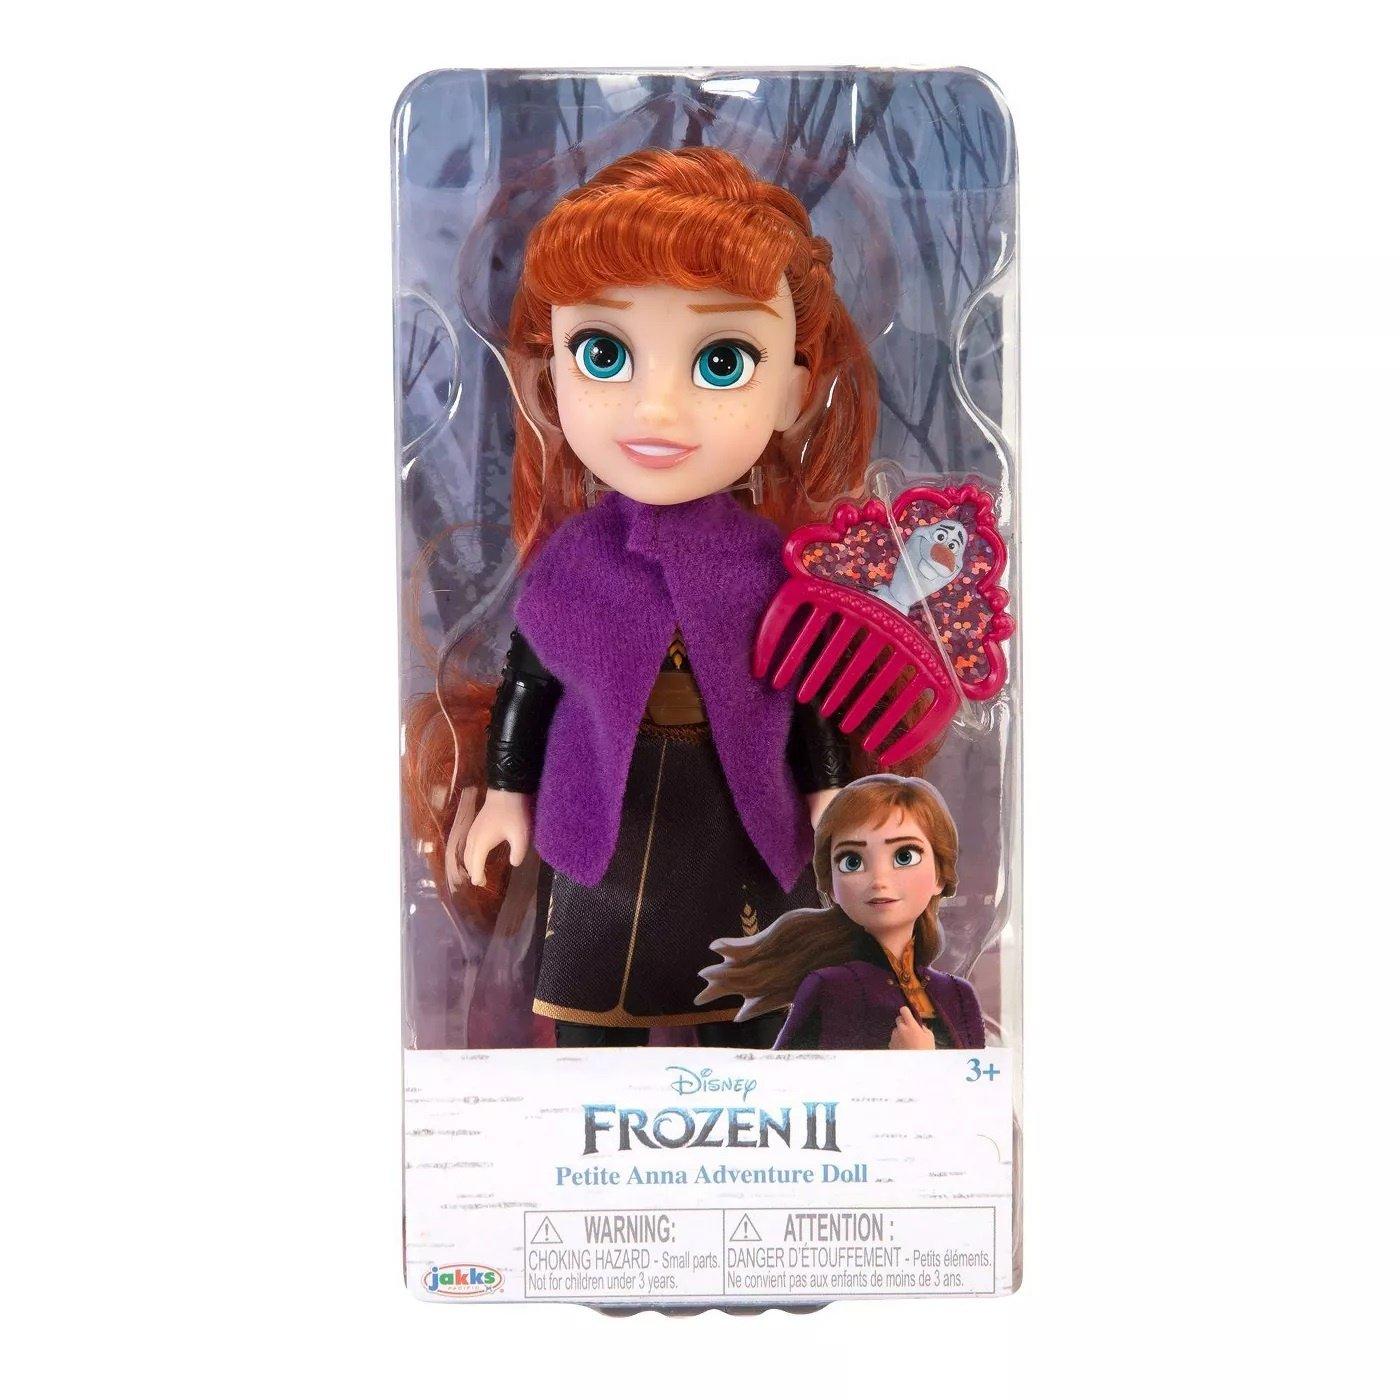 冰雪奇緣2 6吋小小人偶 【安娜】